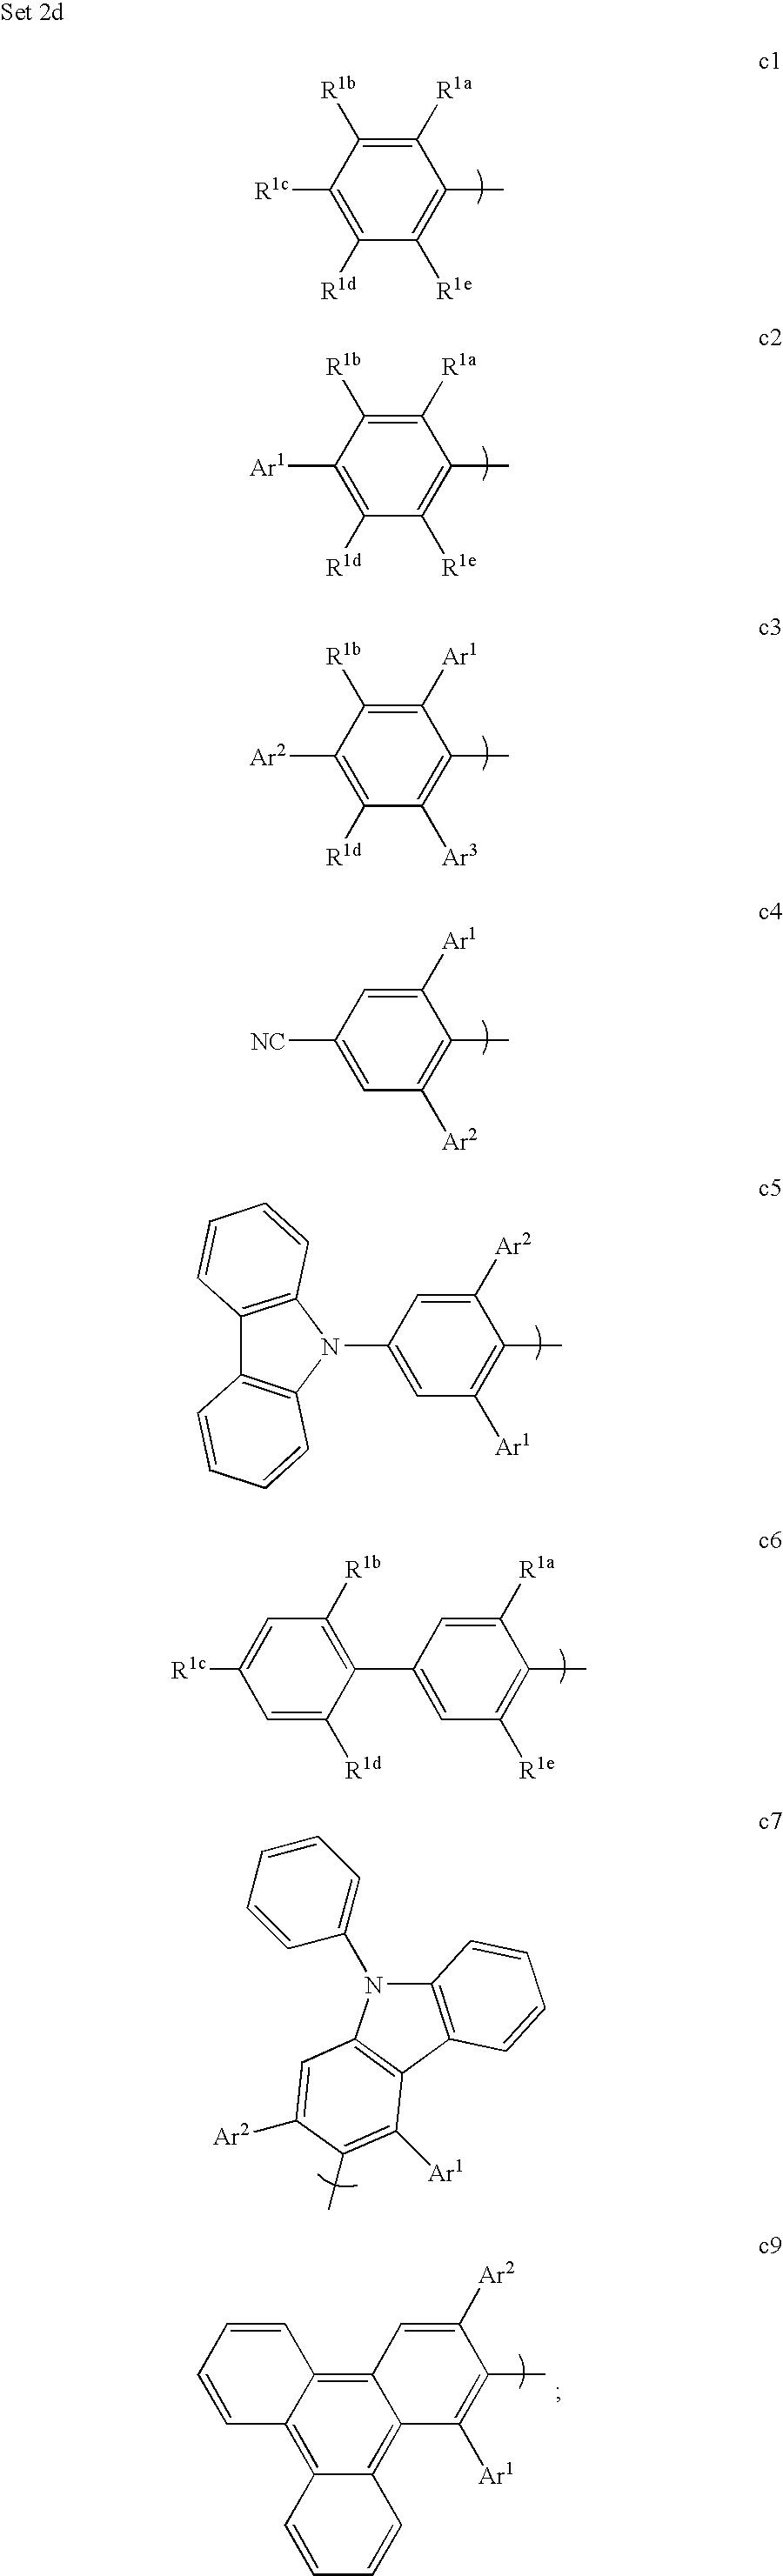 Figure US20060251923A1-20061109-C00005